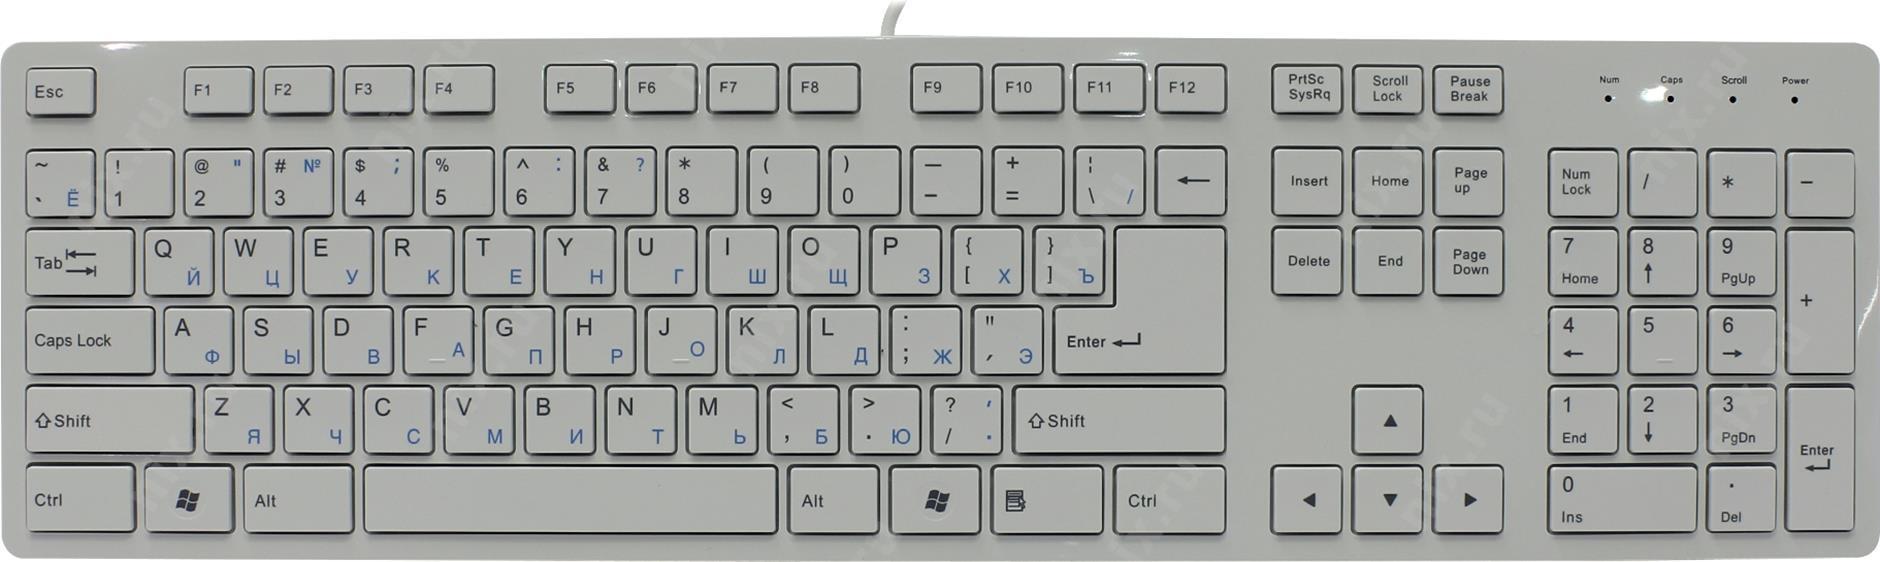 раскладка клавиатуры на фотографии несколько